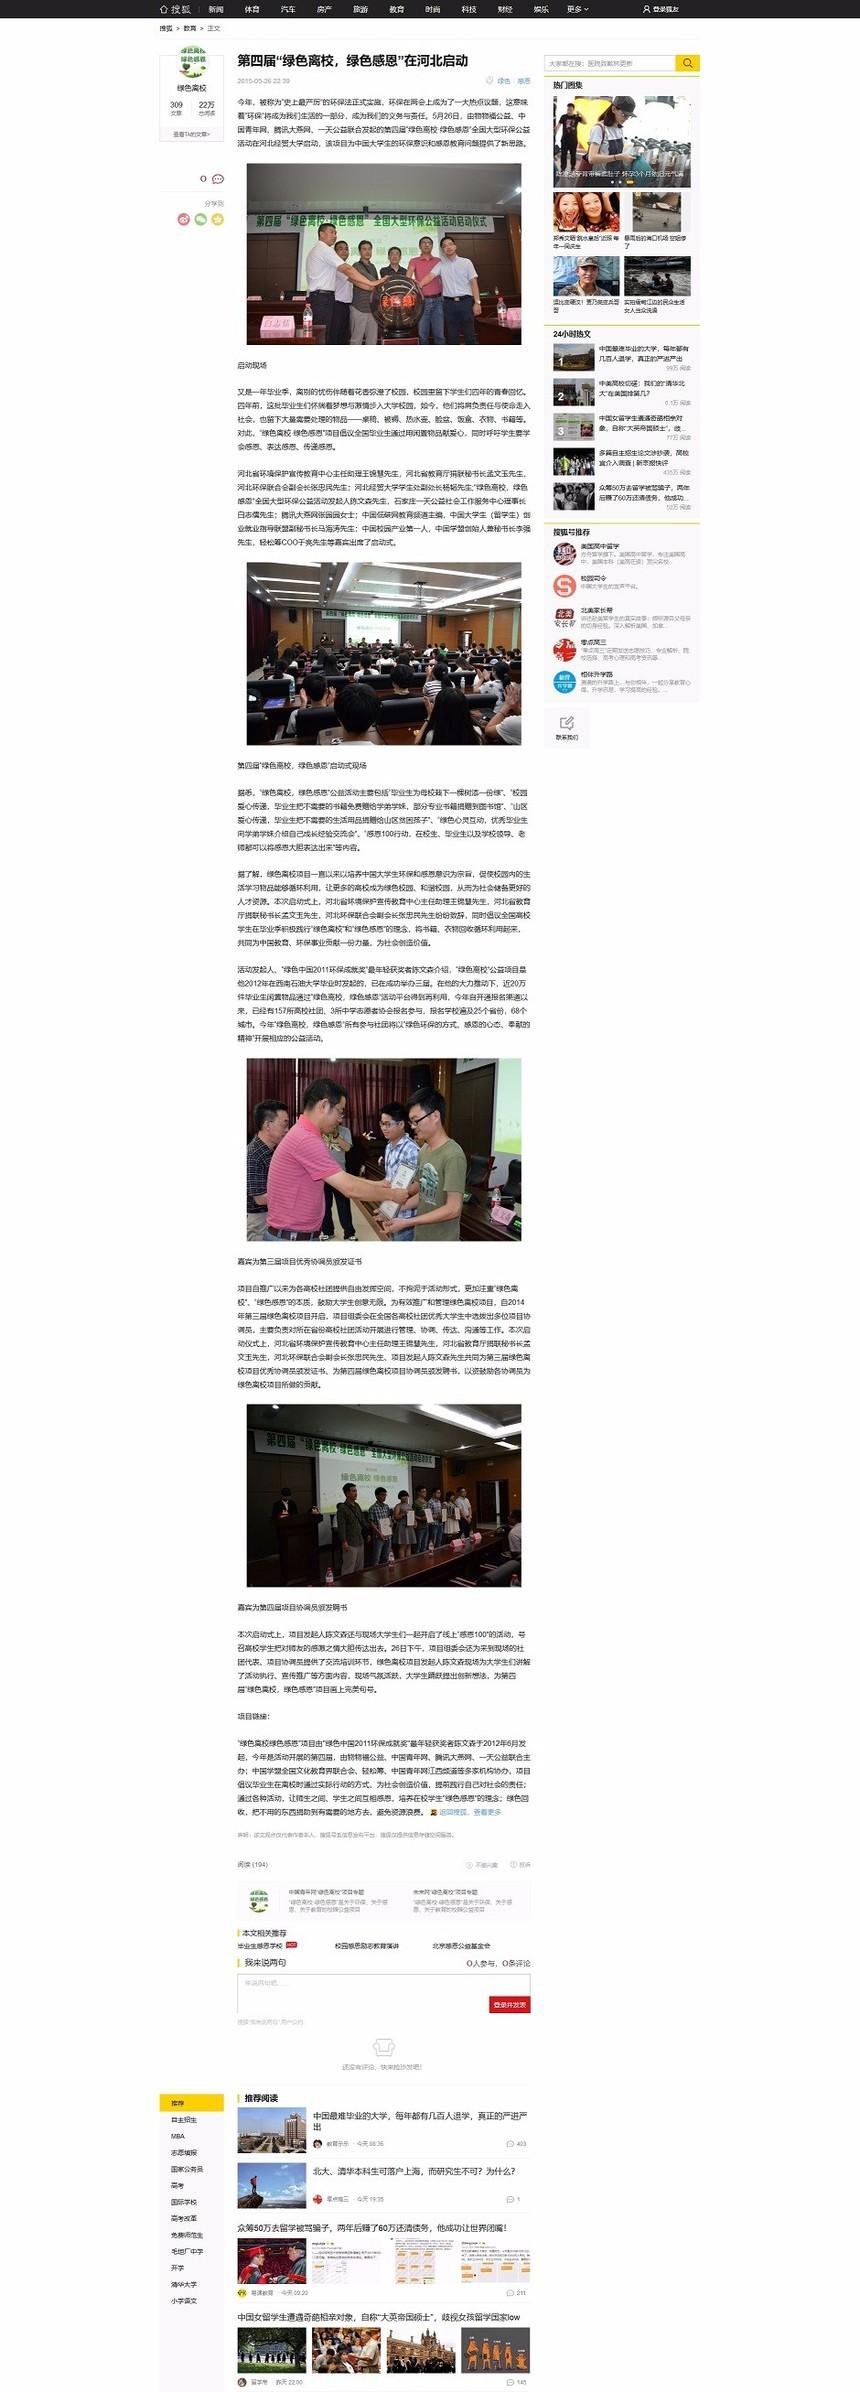 搜狐:绿色离校 绿色感恩 全国大型环保公益项目.1.jpg